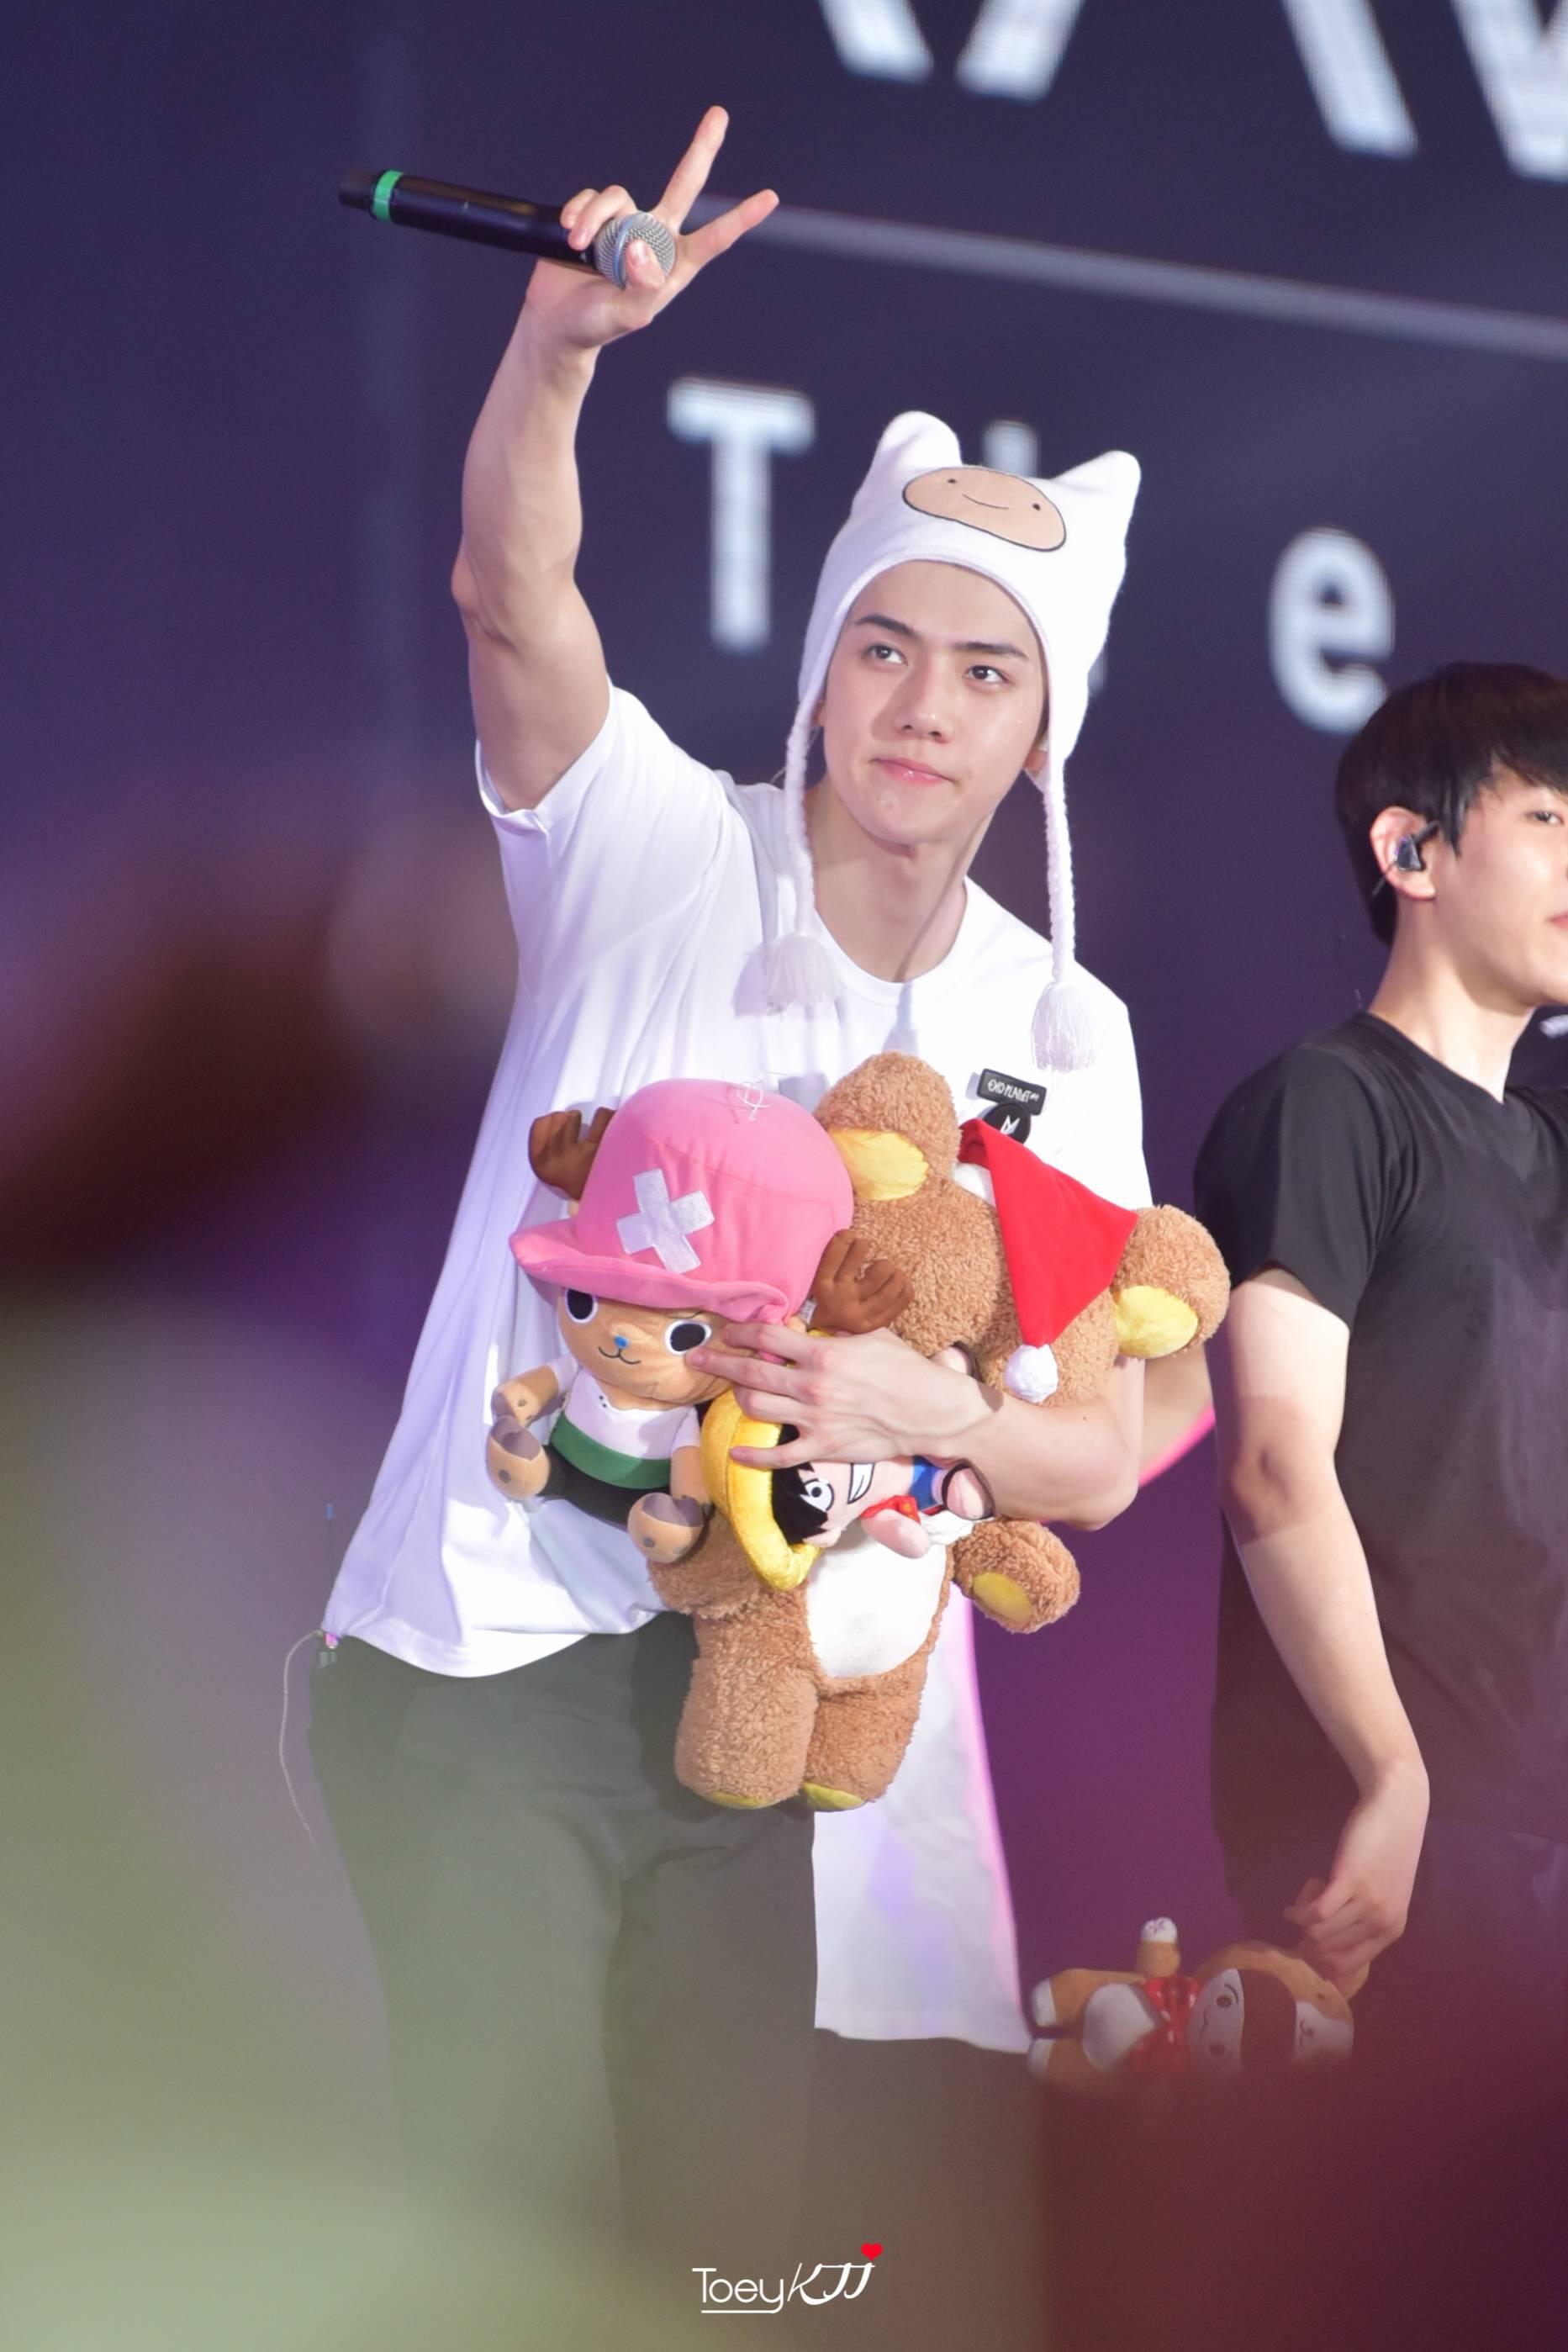 Sehun holding toys